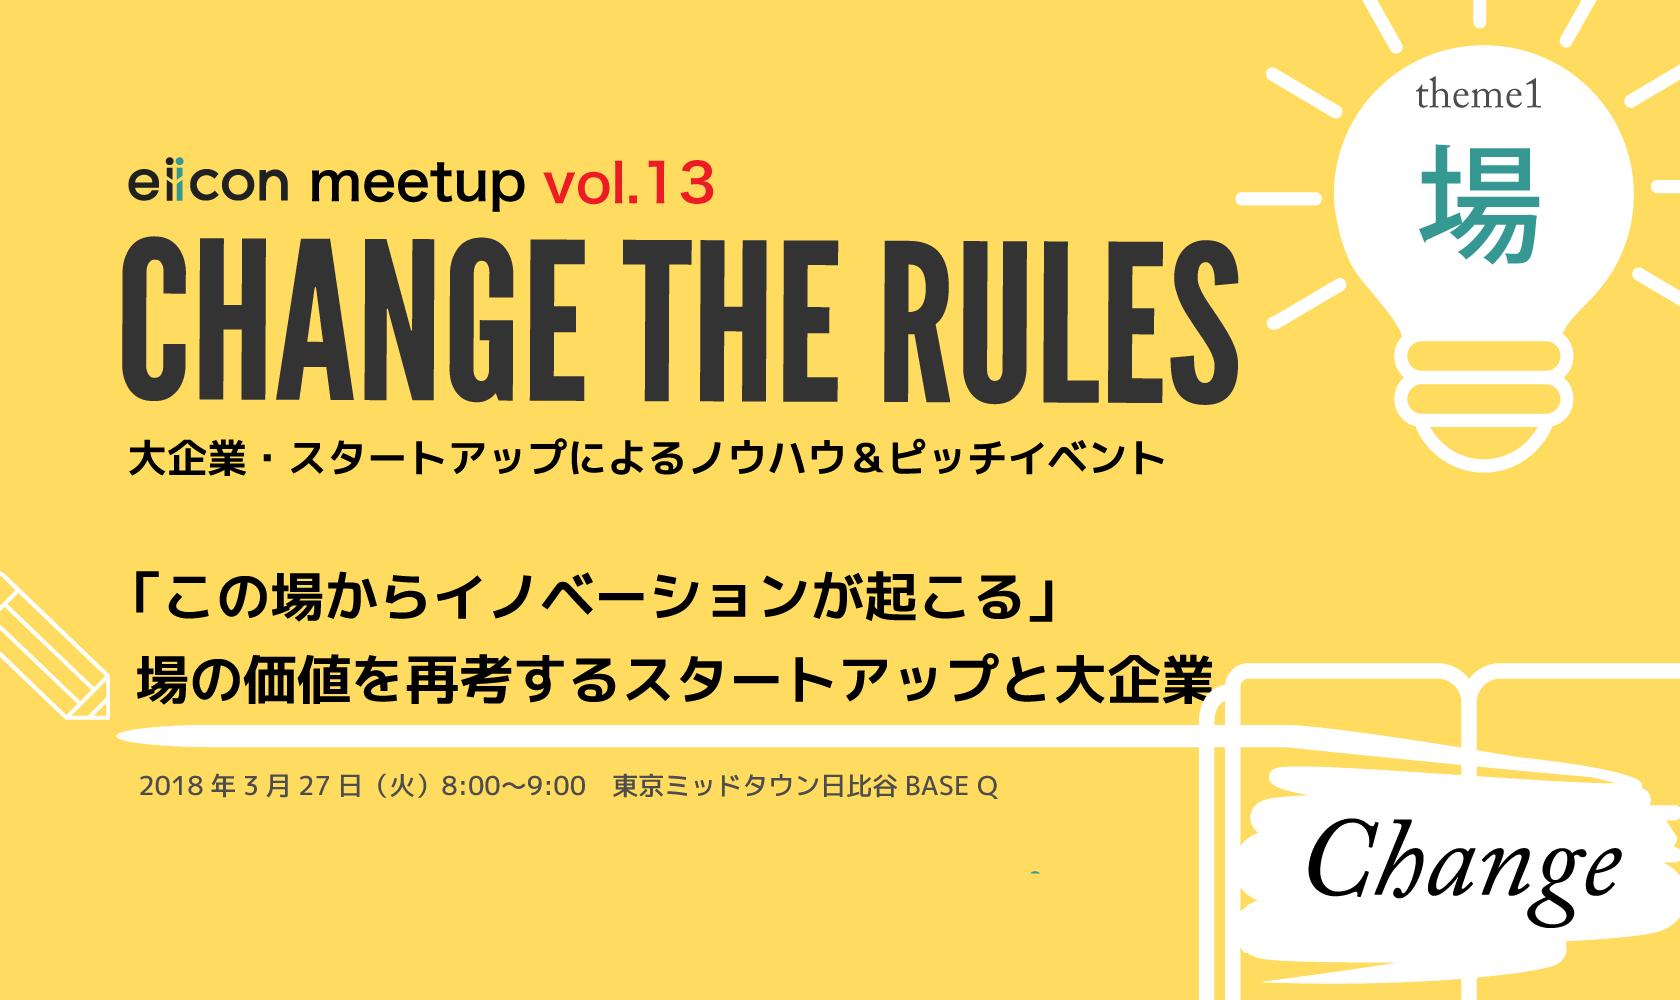 3月27日(火)8:00〜<br>CHANGE THE RULES「この場からイノベーションが起こる」~ 場の価値を再考するスタートアップ・大企業特集~